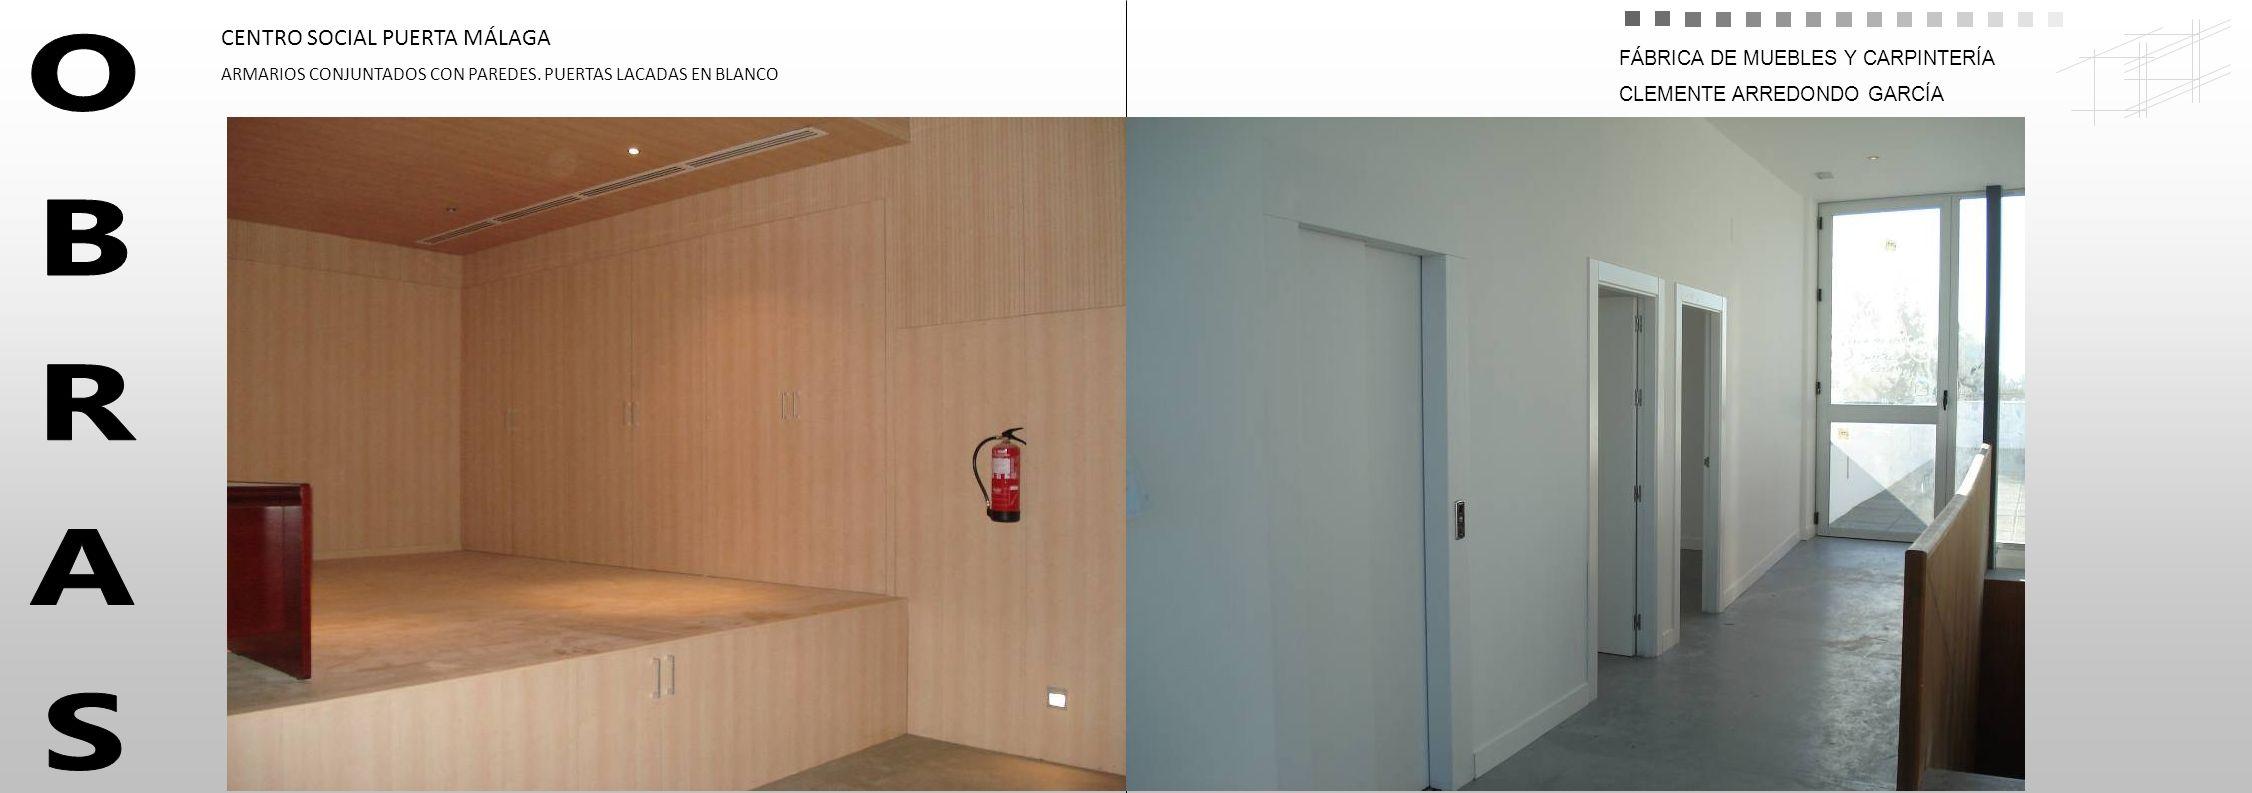 Muebles de oficina en granada latest muebles de oficina for Muebles de oficina tinas granada